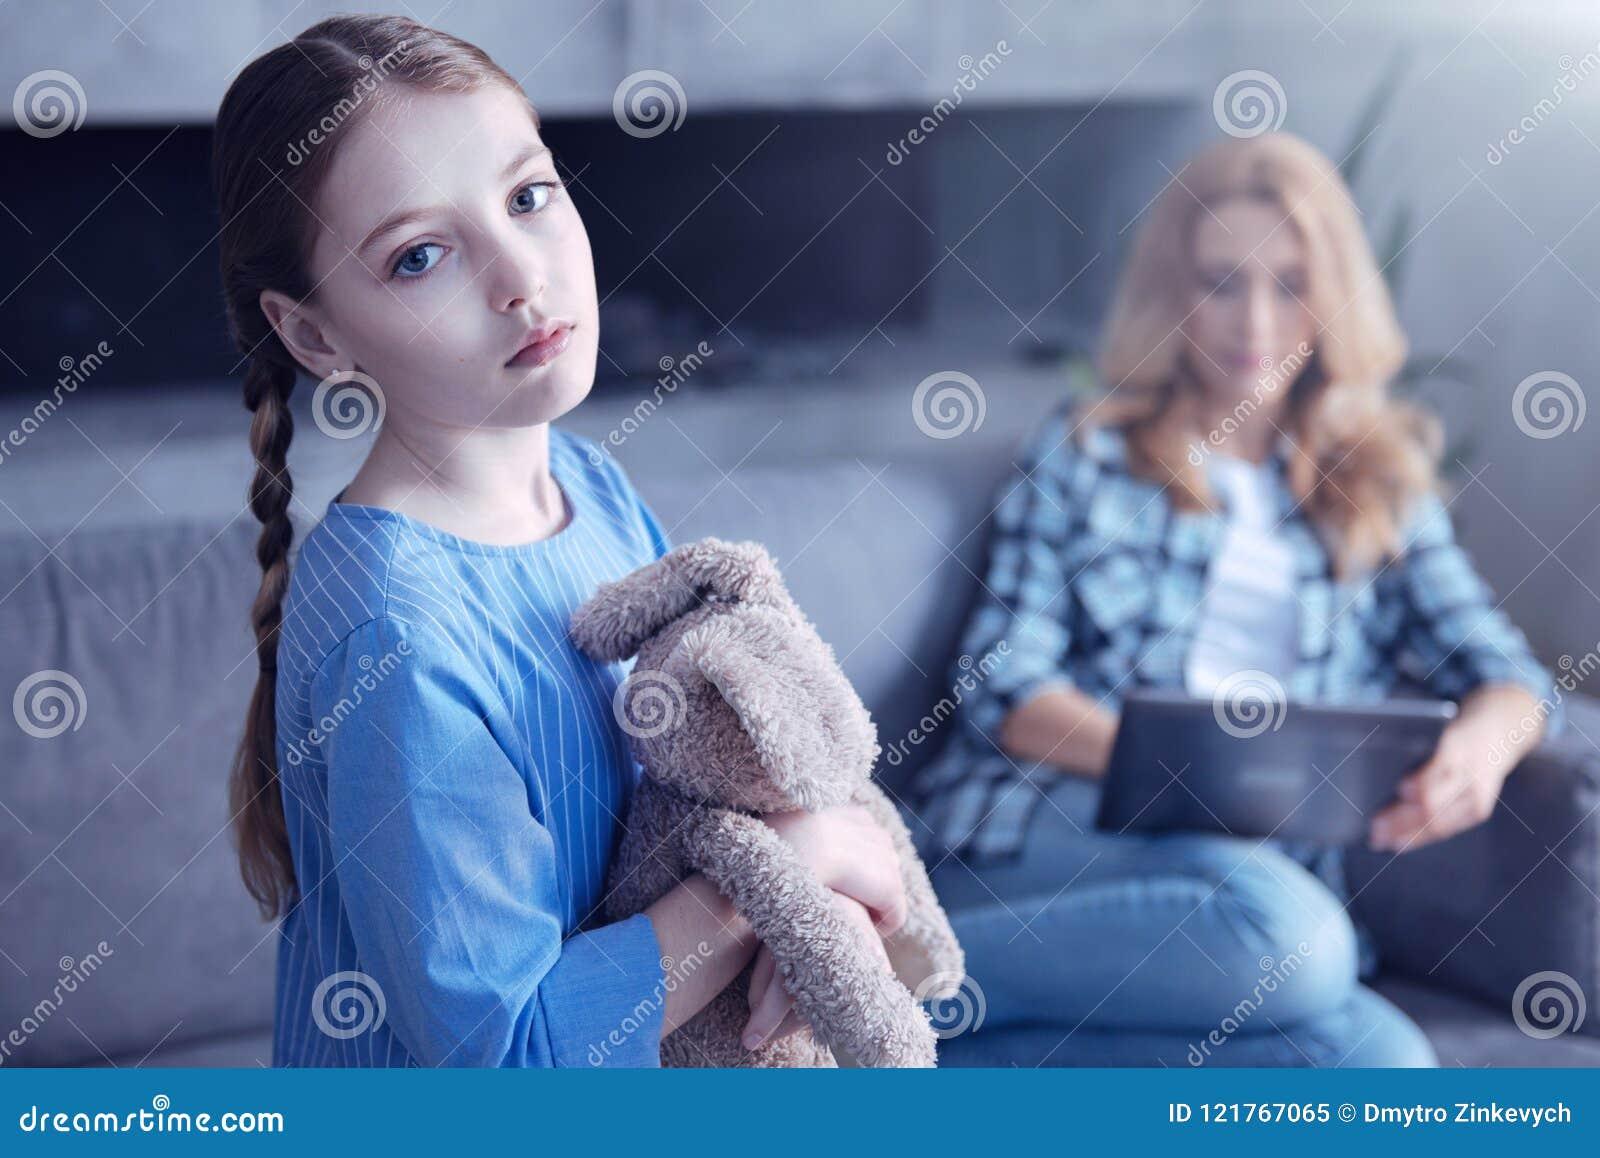 Σκυθρωπό χαριτωμένο κορίτσι που δεν λαμβάνει καμία προσοχή